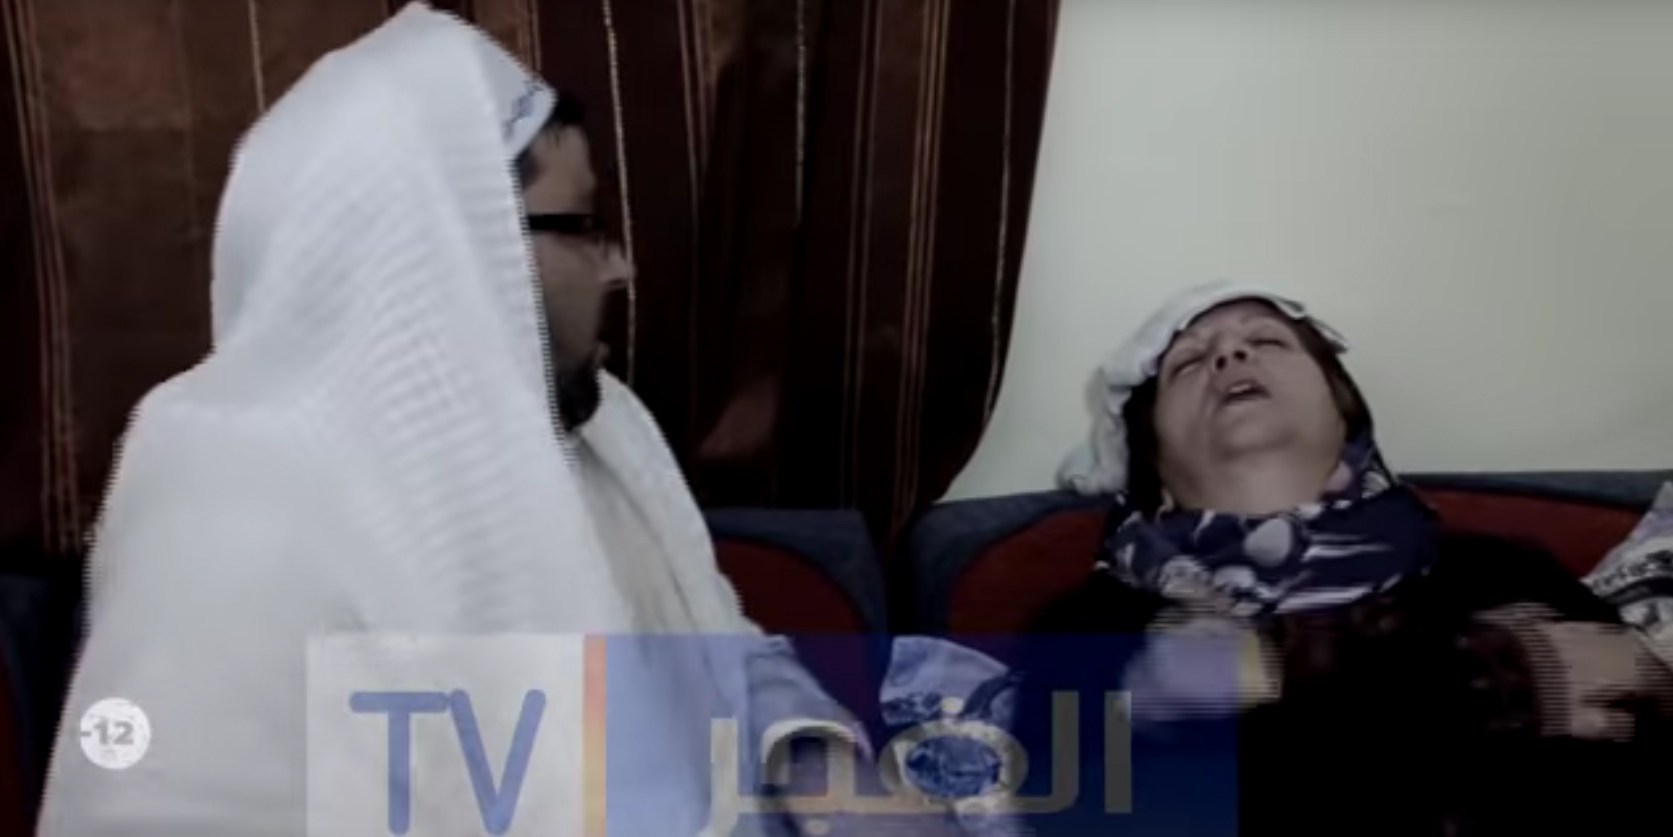 L'Algérie veut virer exorcistes, guérisseurs et prédicateurs extrémistes de la télévision